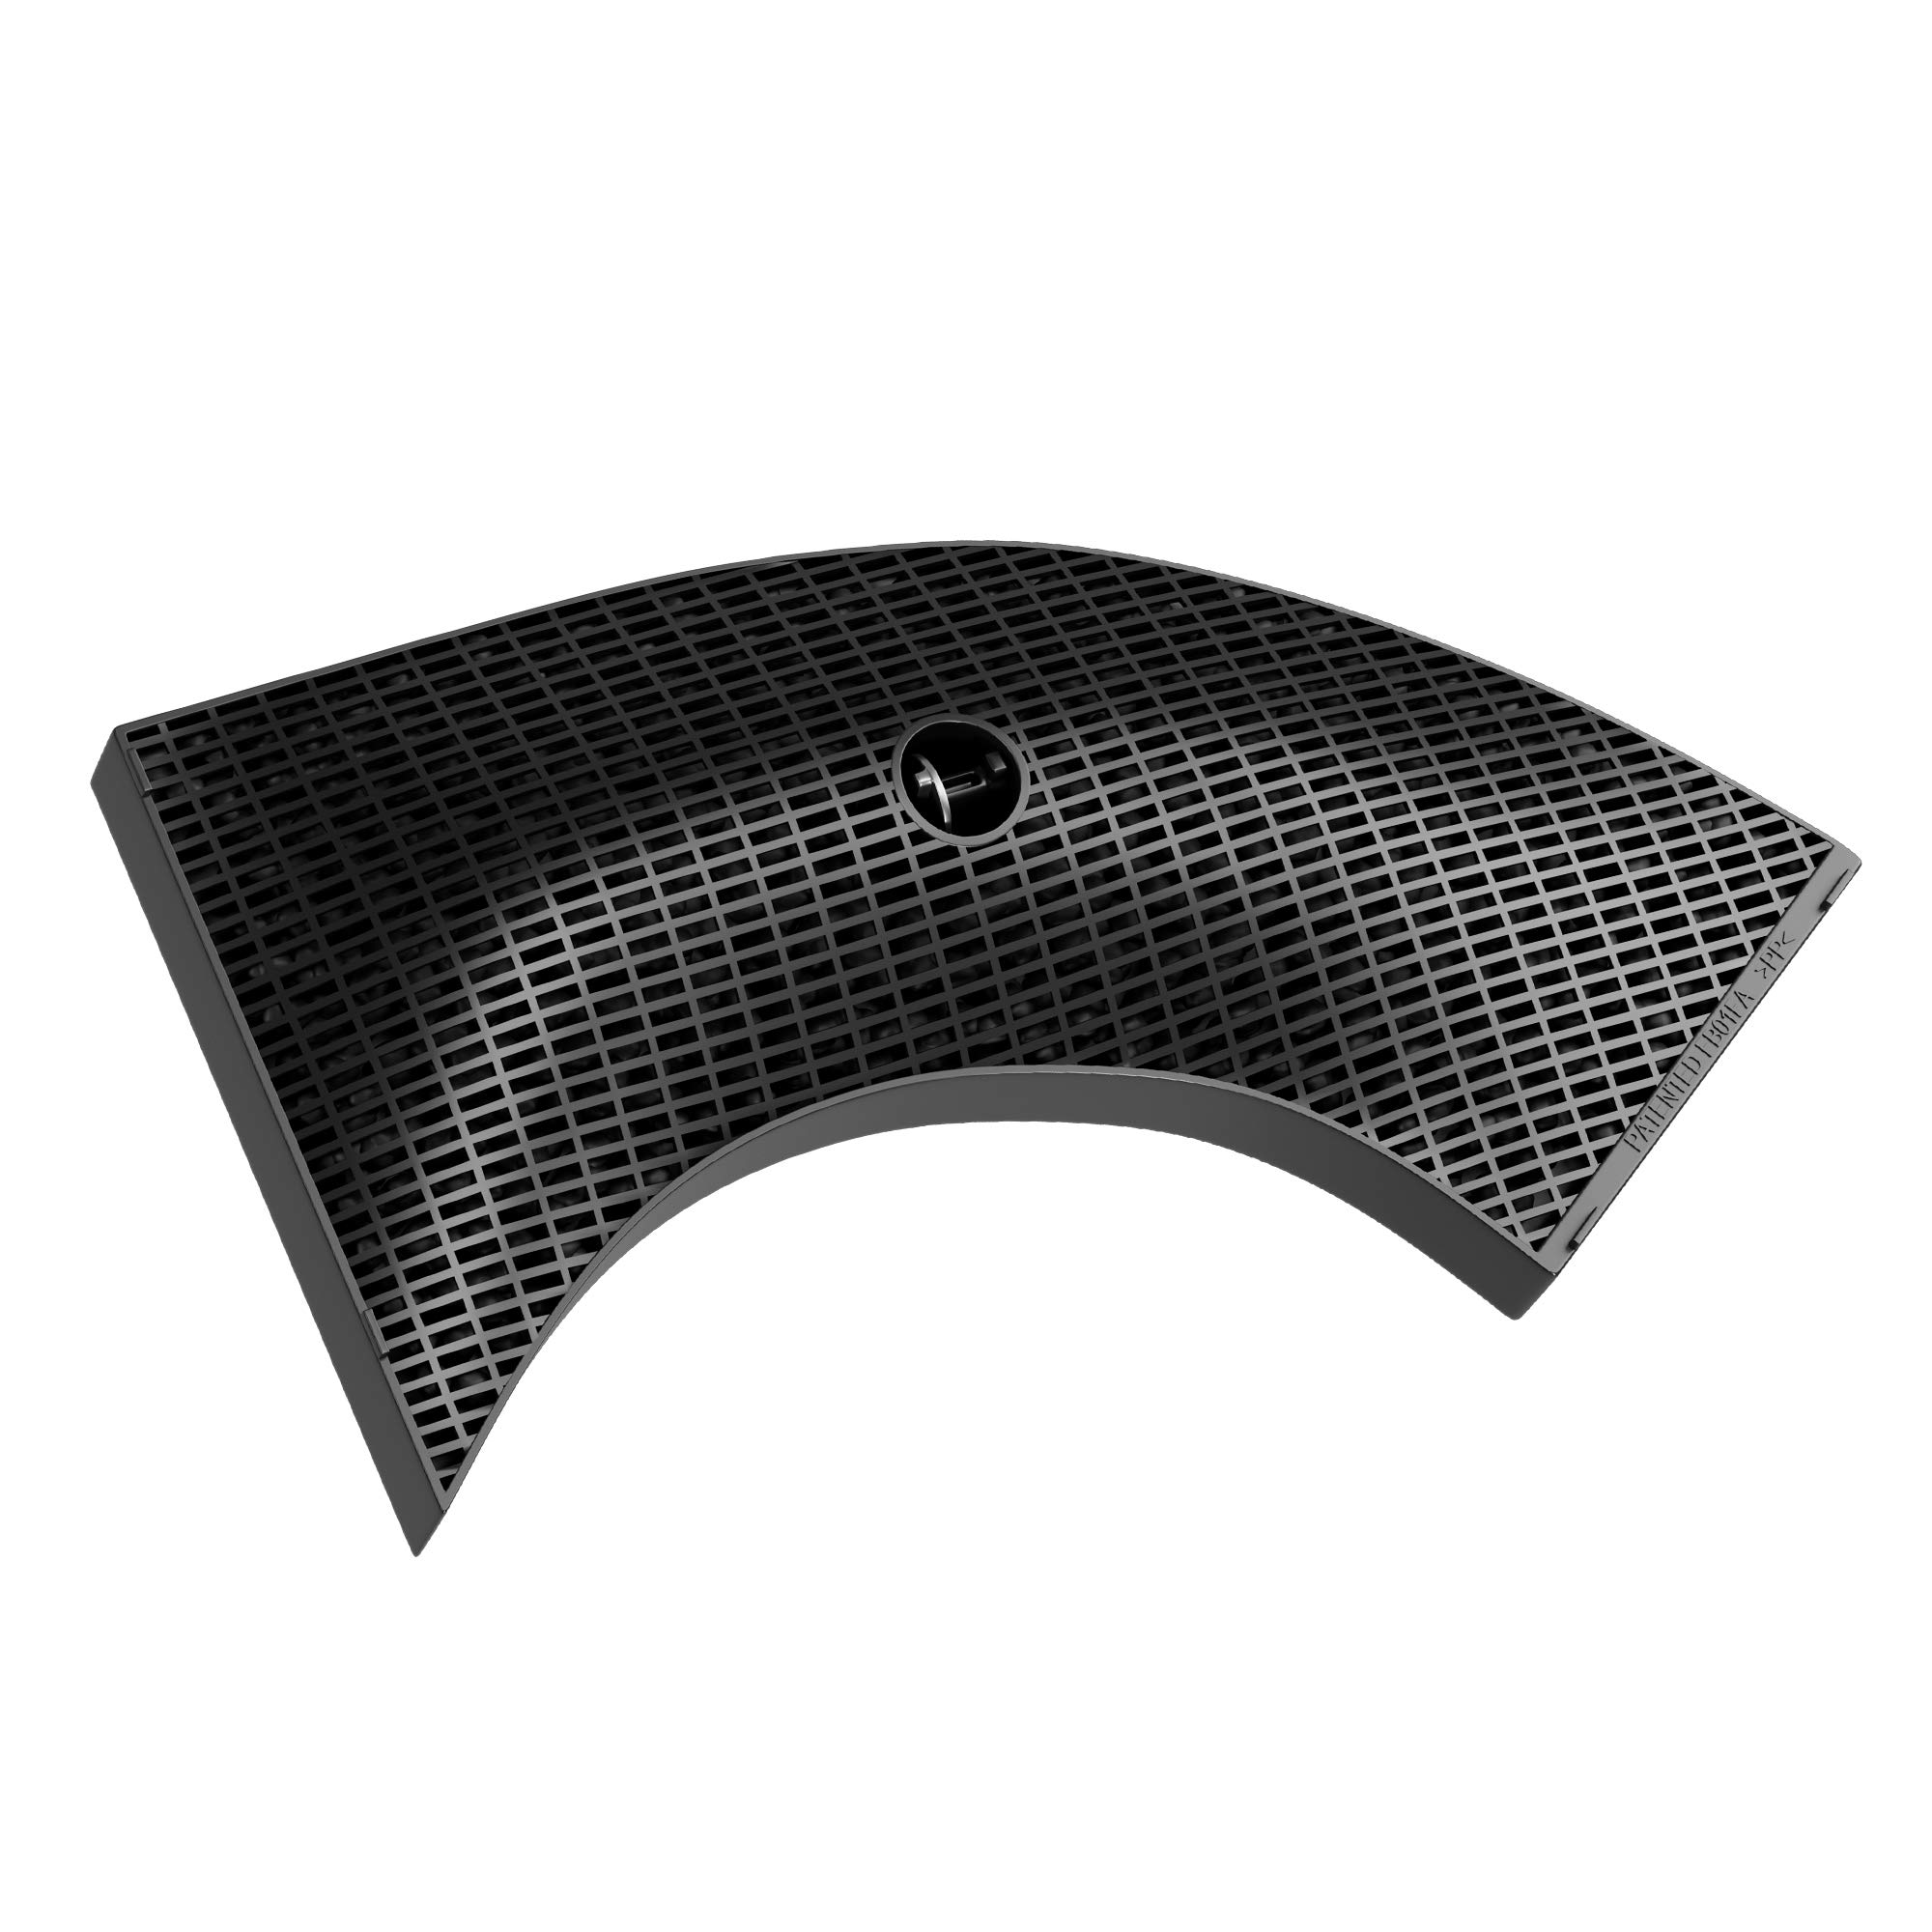 Filtro como Whirlpool 484000008582 AMC859 Typ10 265 x 150 mm para campana extractora: Amazon.es: Hogar